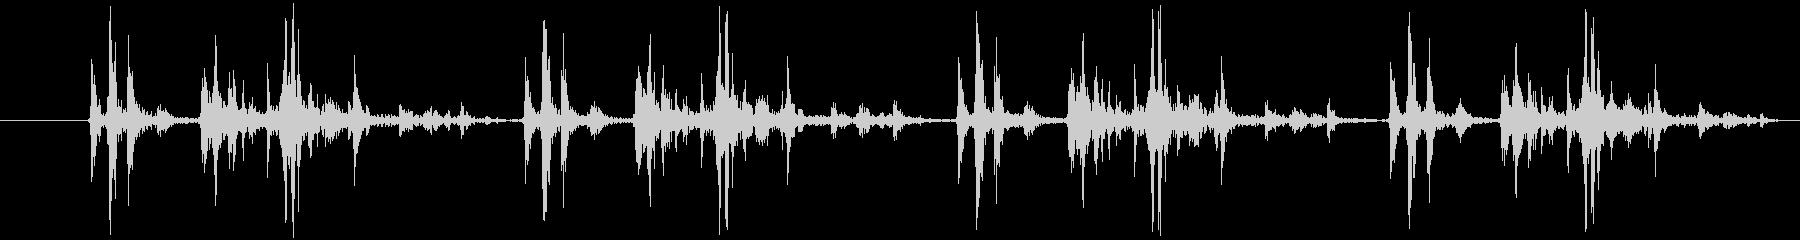 デジタル一眼レフ:4つの高速ショッ...の未再生の波形